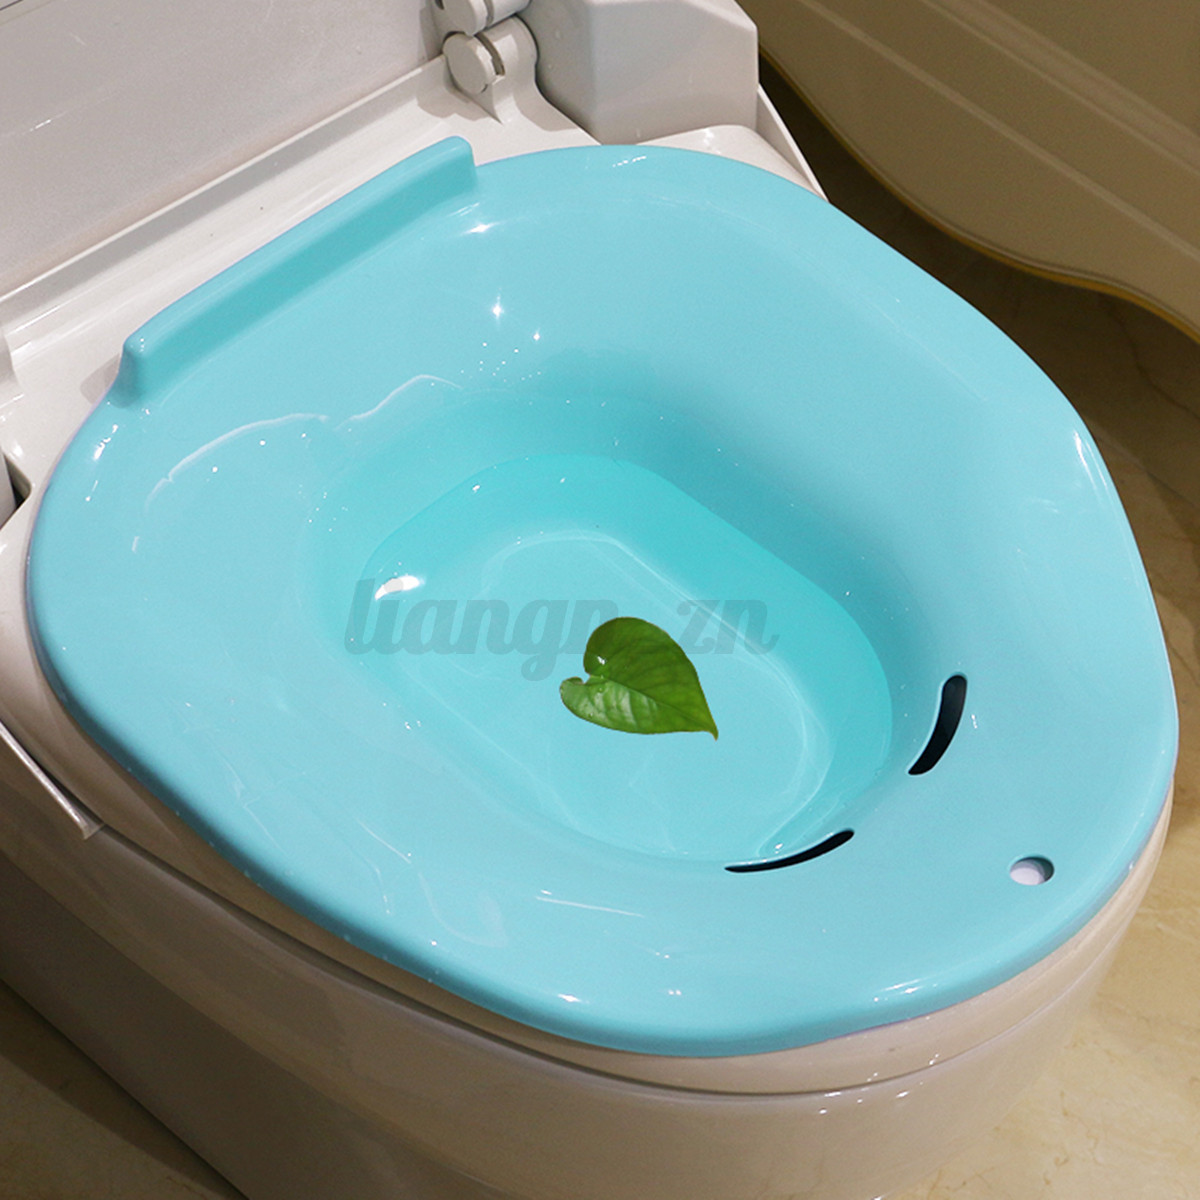 bac liti re pour chat chaton maison de toilette wc tamis de nettoyage filtre ebay. Black Bedroom Furniture Sets. Home Design Ideas